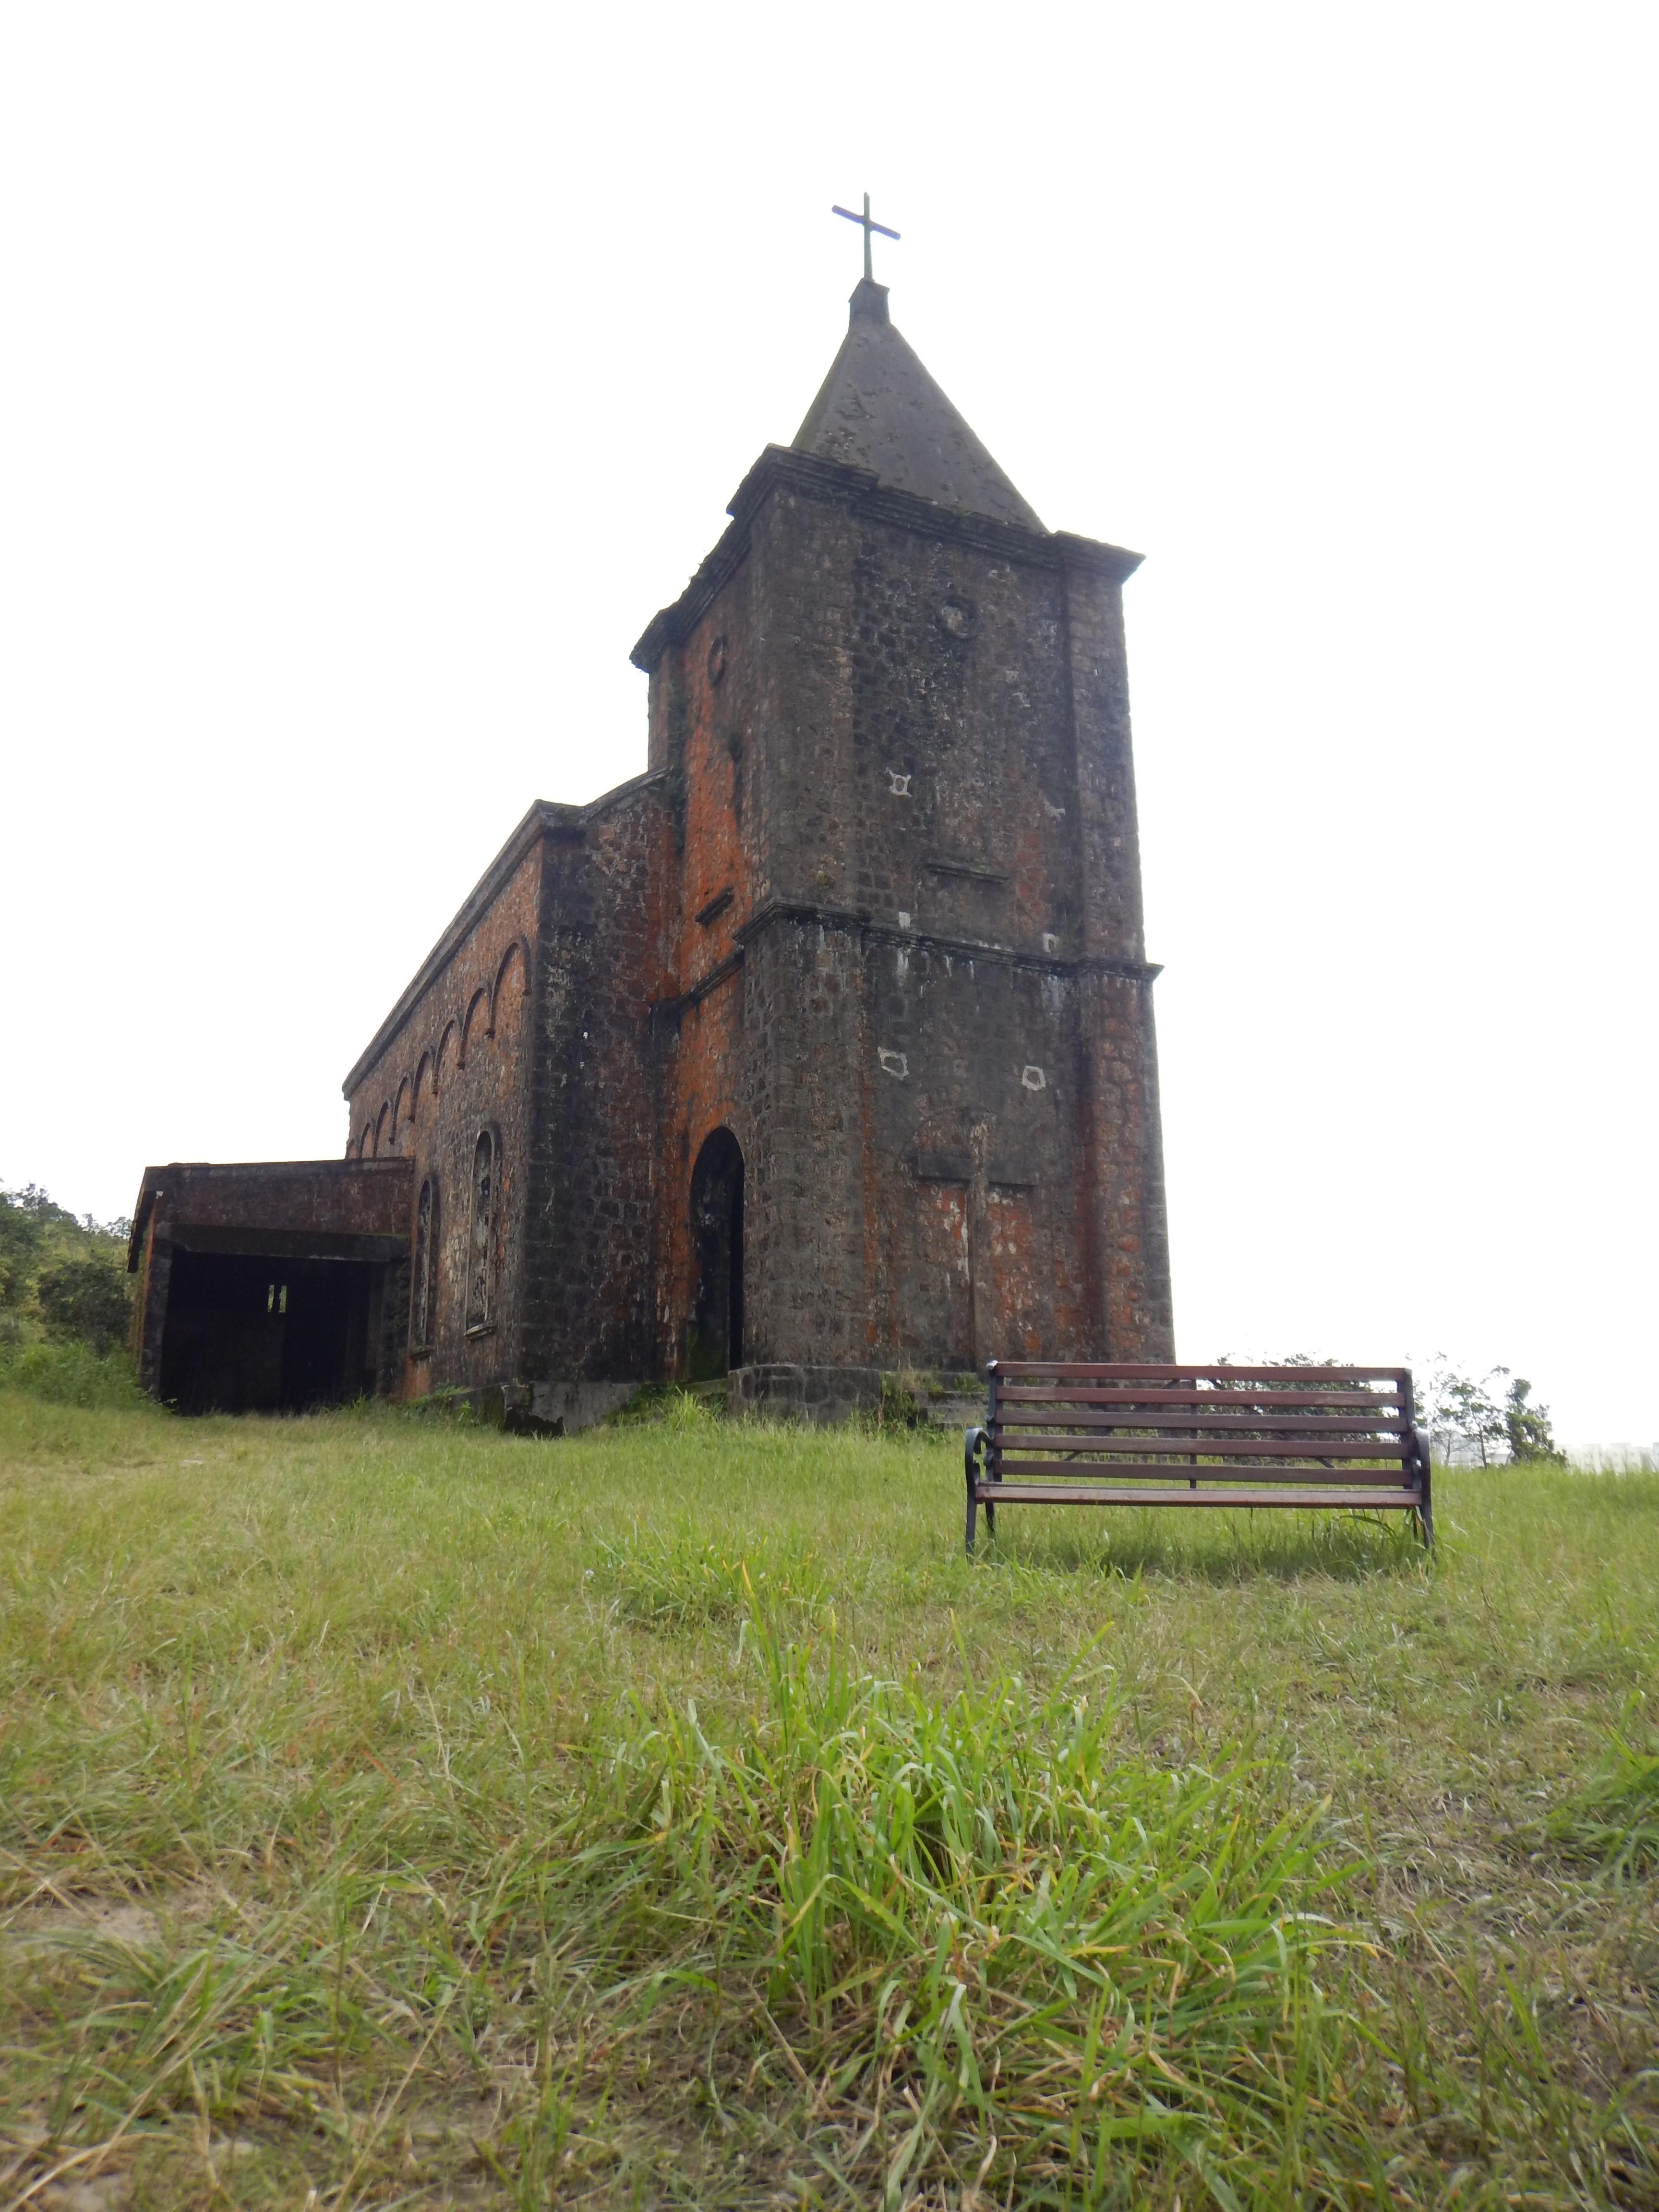 Abandoned Catholic Church on Bokor Mountain